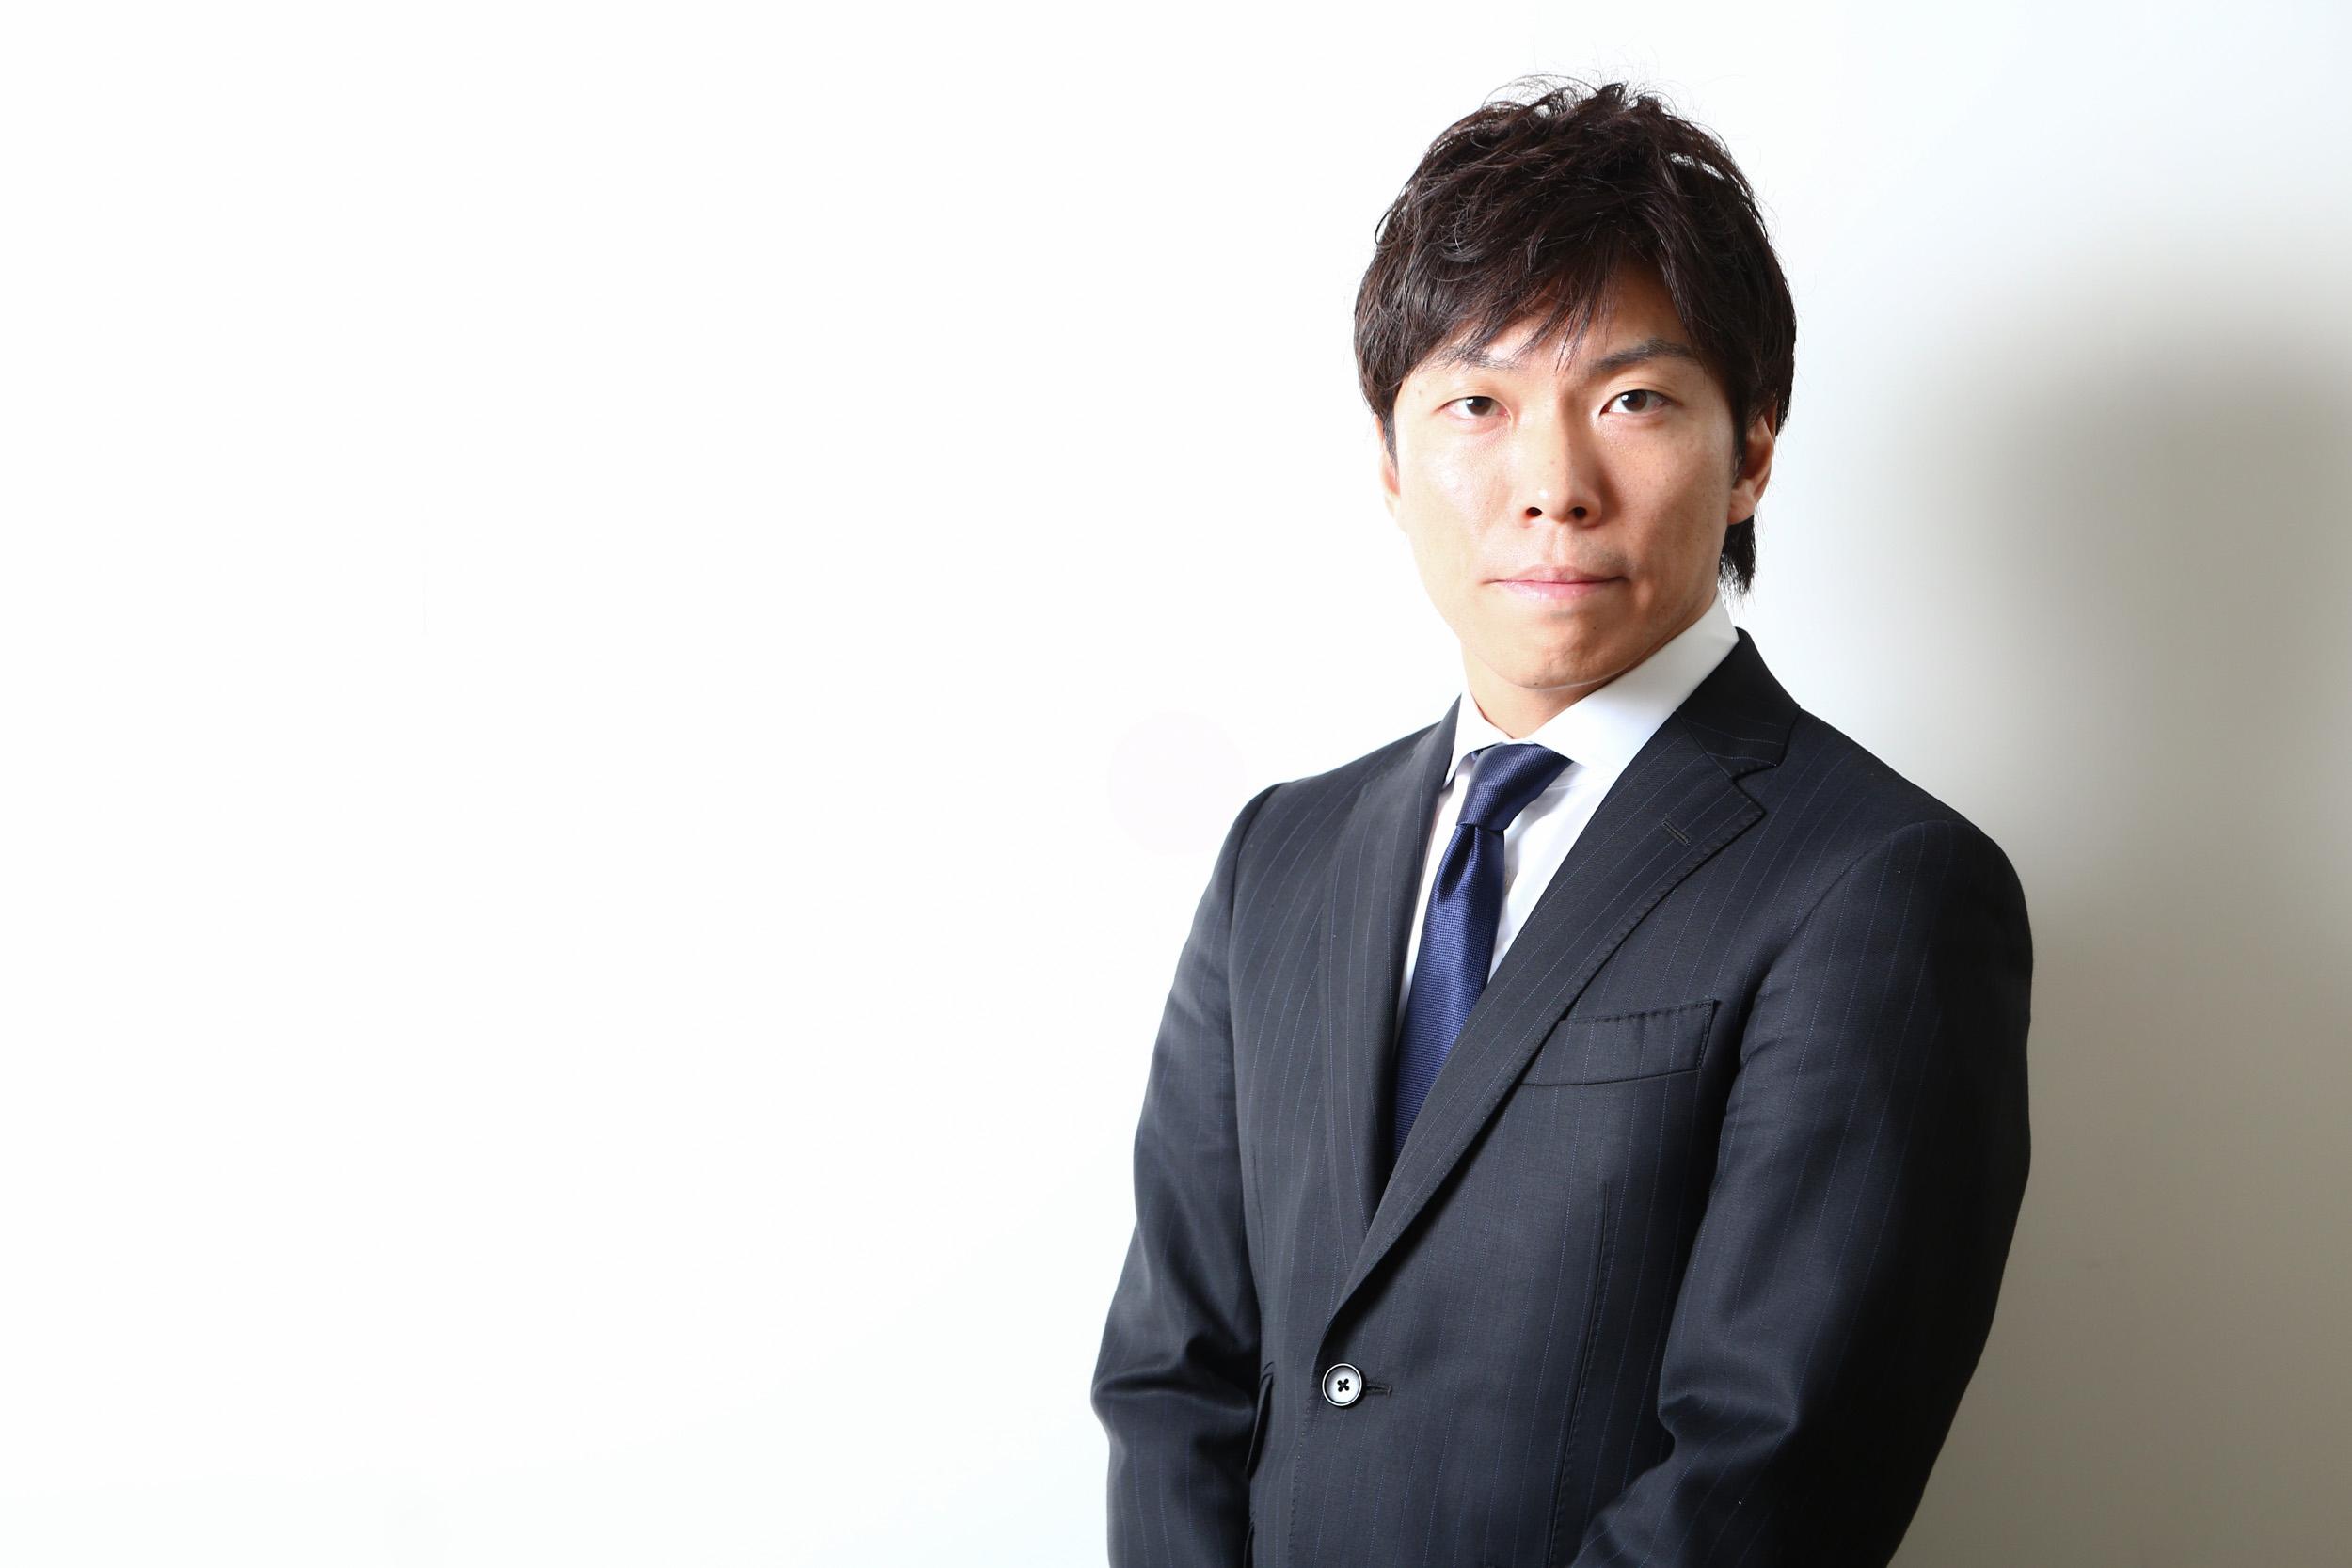 汐留PG_CEO・公認会計士(日米)・税理士・行政書士・前川研吾氏